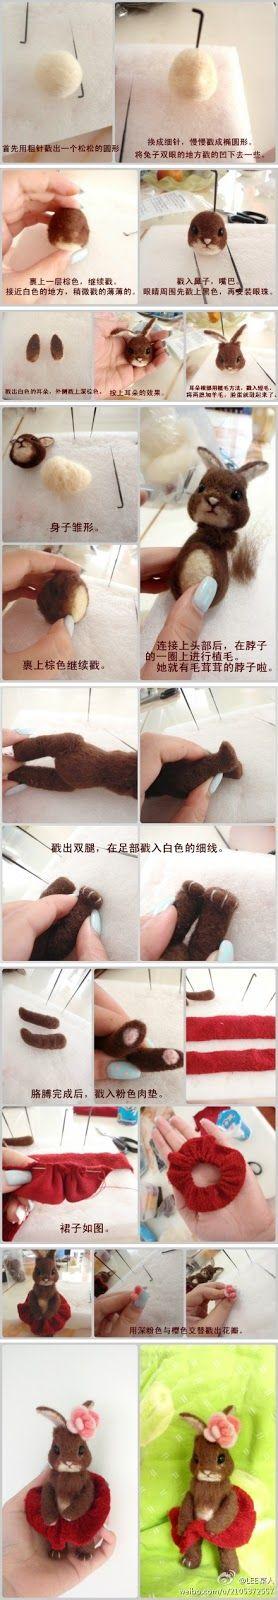 Giocabosco: creare con Gnomi e Fate: Tutorial coniglietto in lana cardata